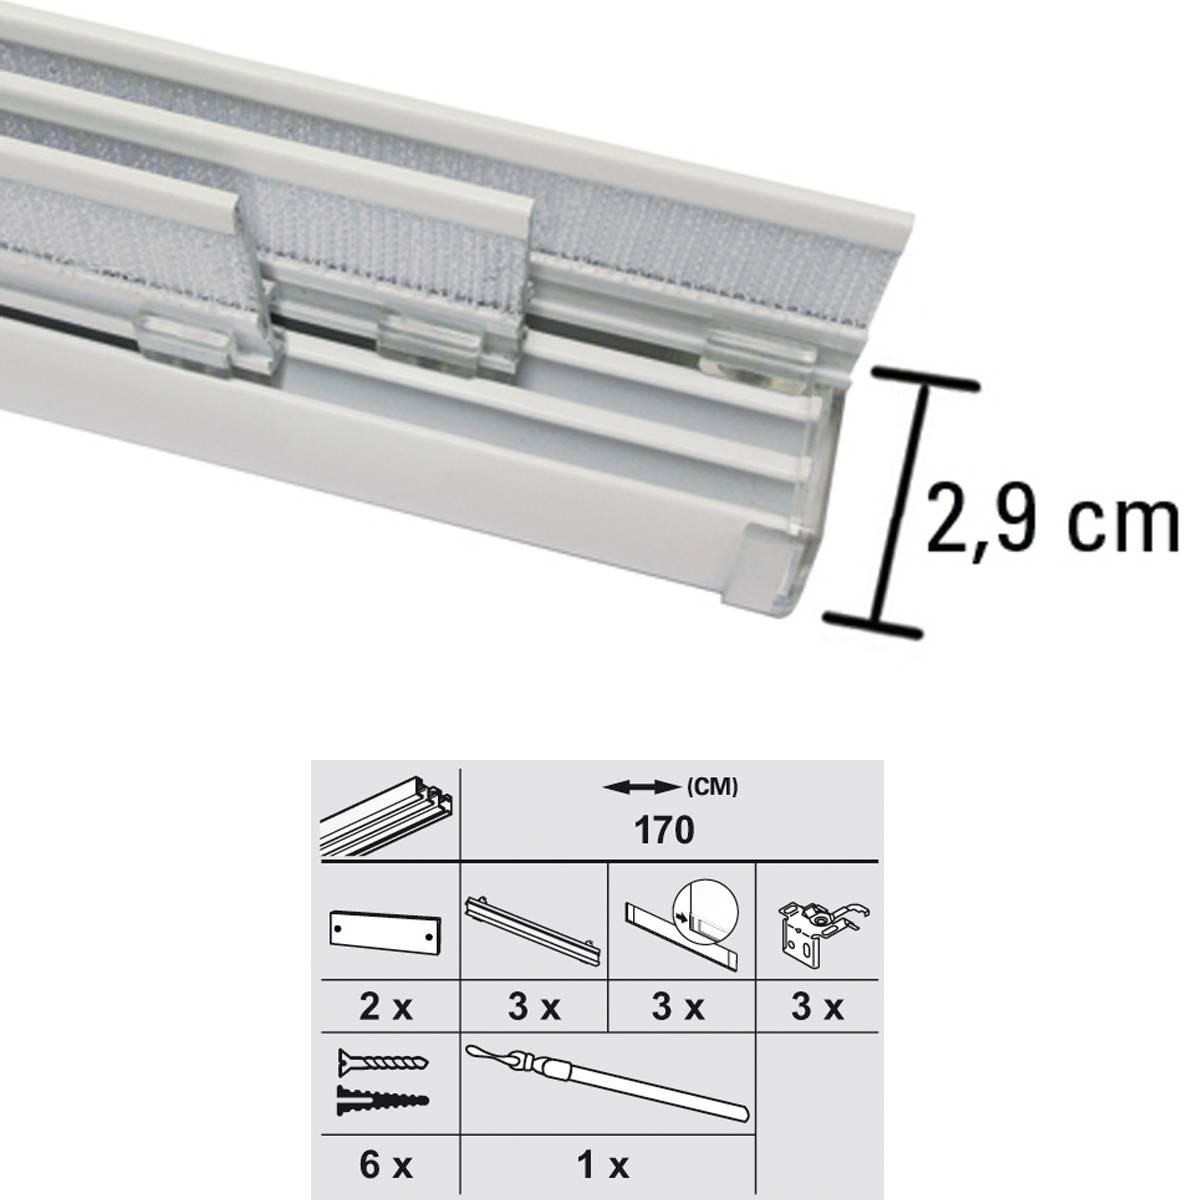 Elegant Gardinia Flächenvorhangschiene Komfort Komplett Set 3 5 Läufig |  Markenbaumarkt24 Nice Design